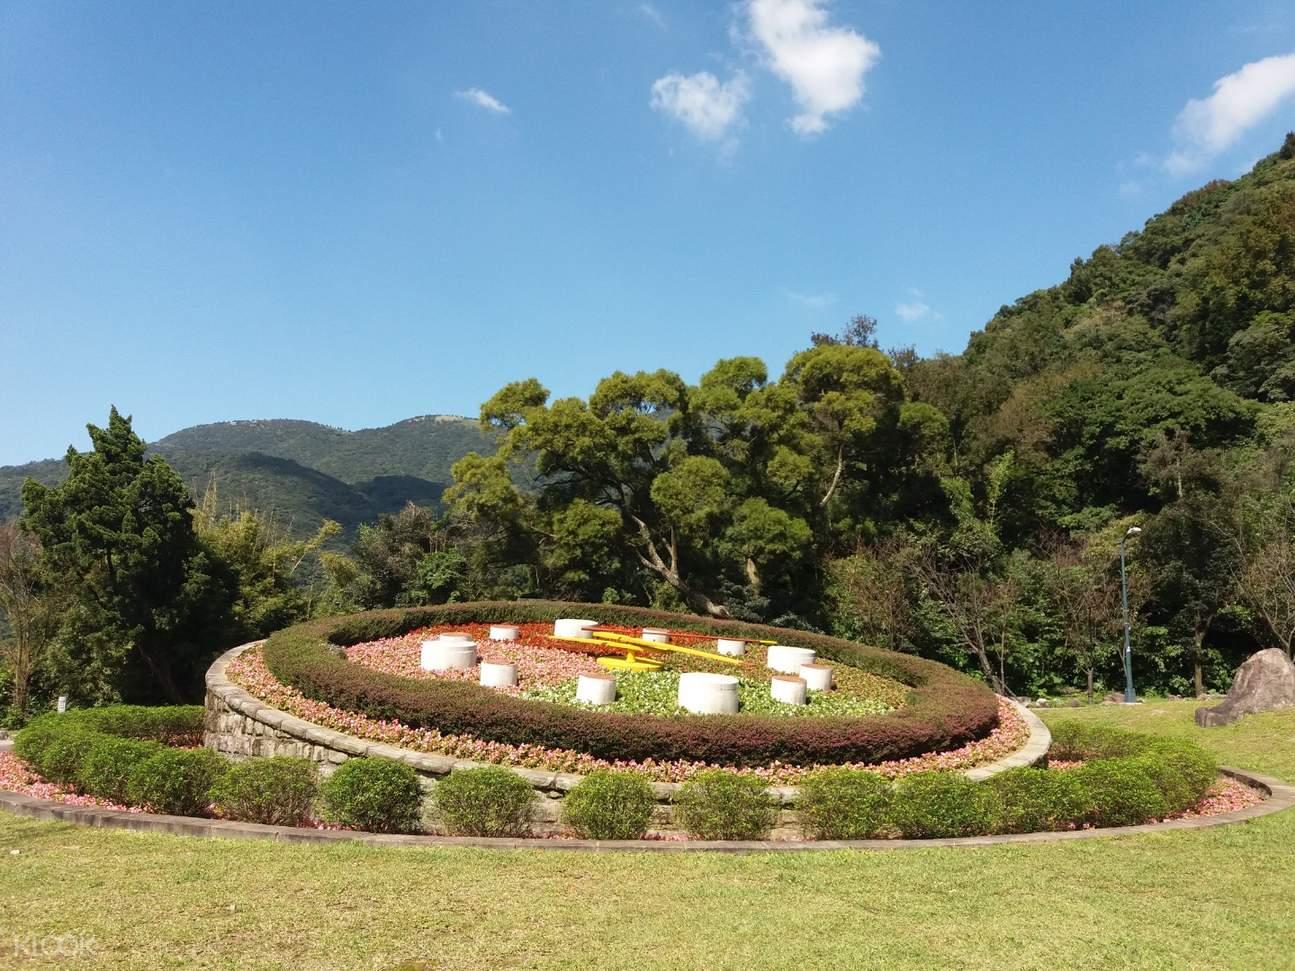 陽明山国家公園の花時計。